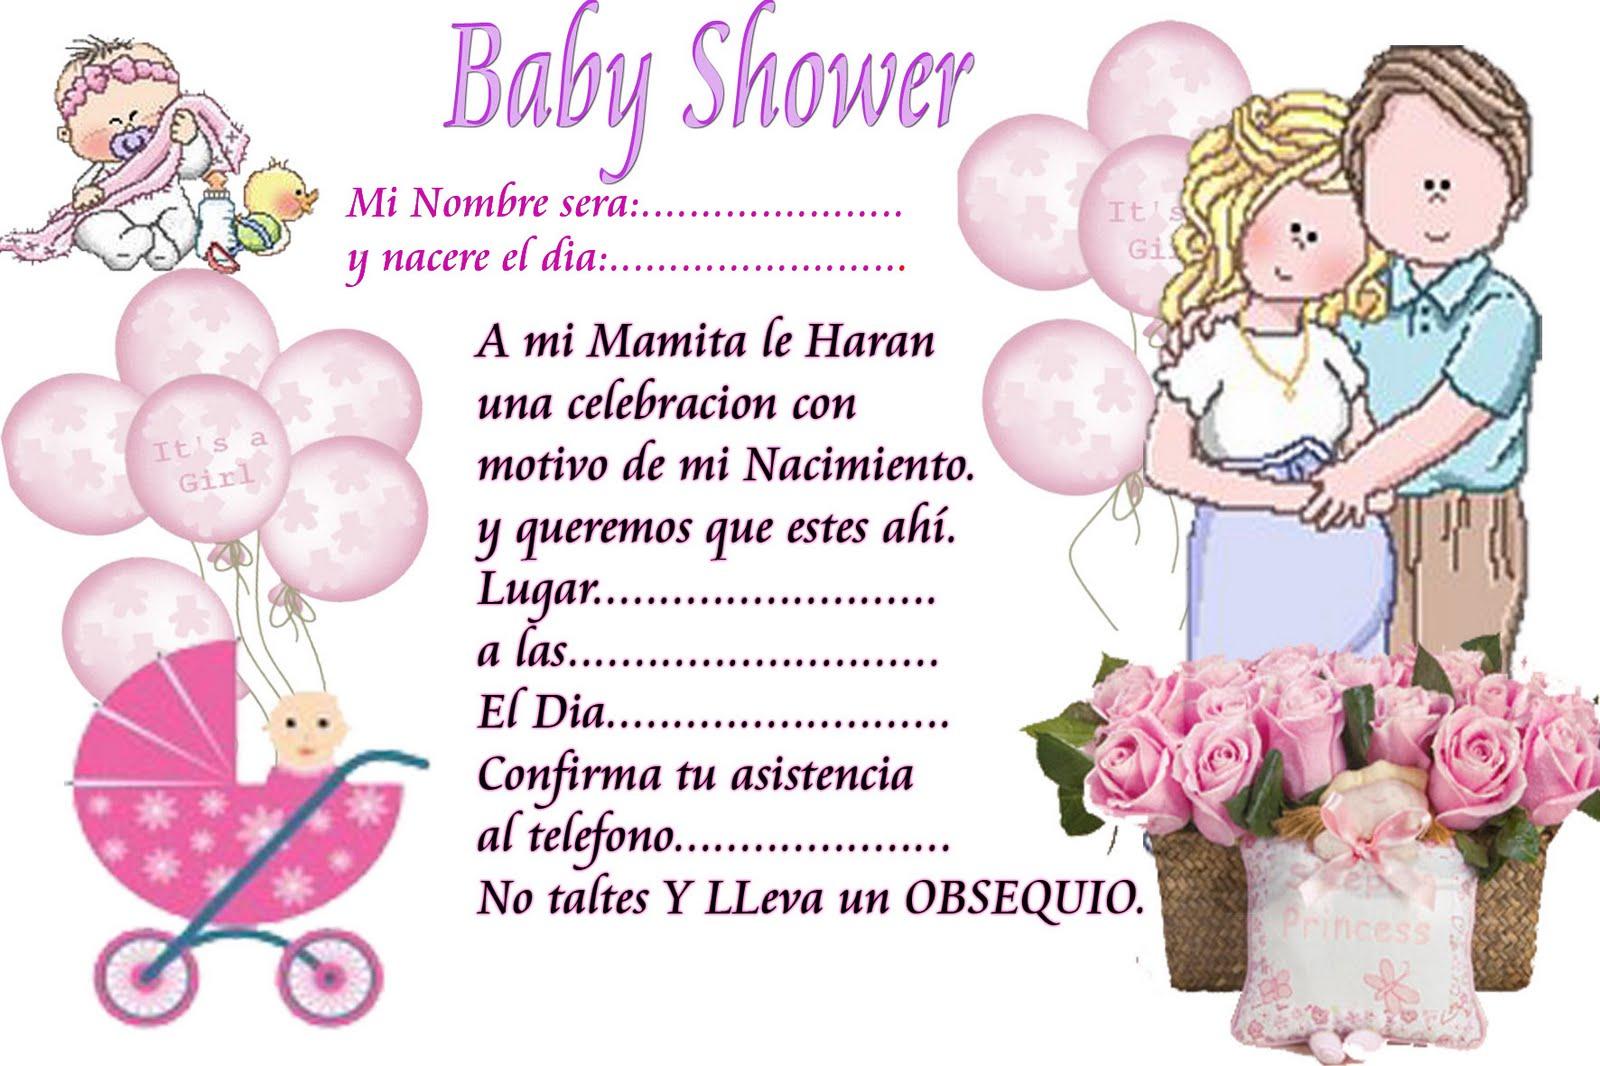 Juegos Baby Shower Para Imprimir Poussettes